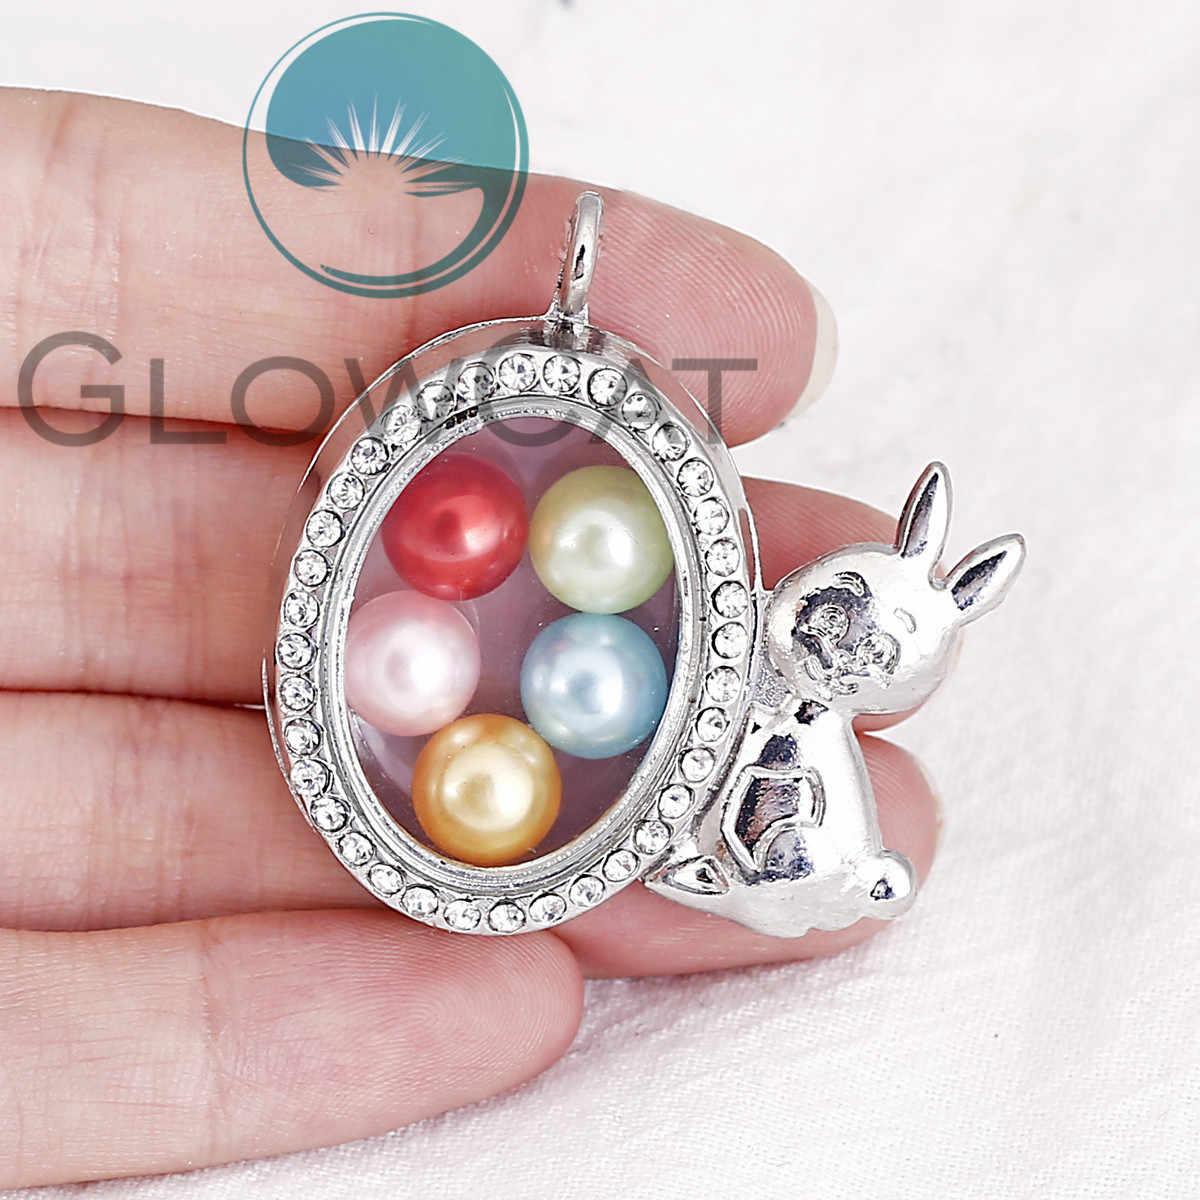 5 шт. с магнитом, стеклянный кулон, горный хрусталь памятный, подвесной Подвески Кулоны для фотографии Животные Сова птица